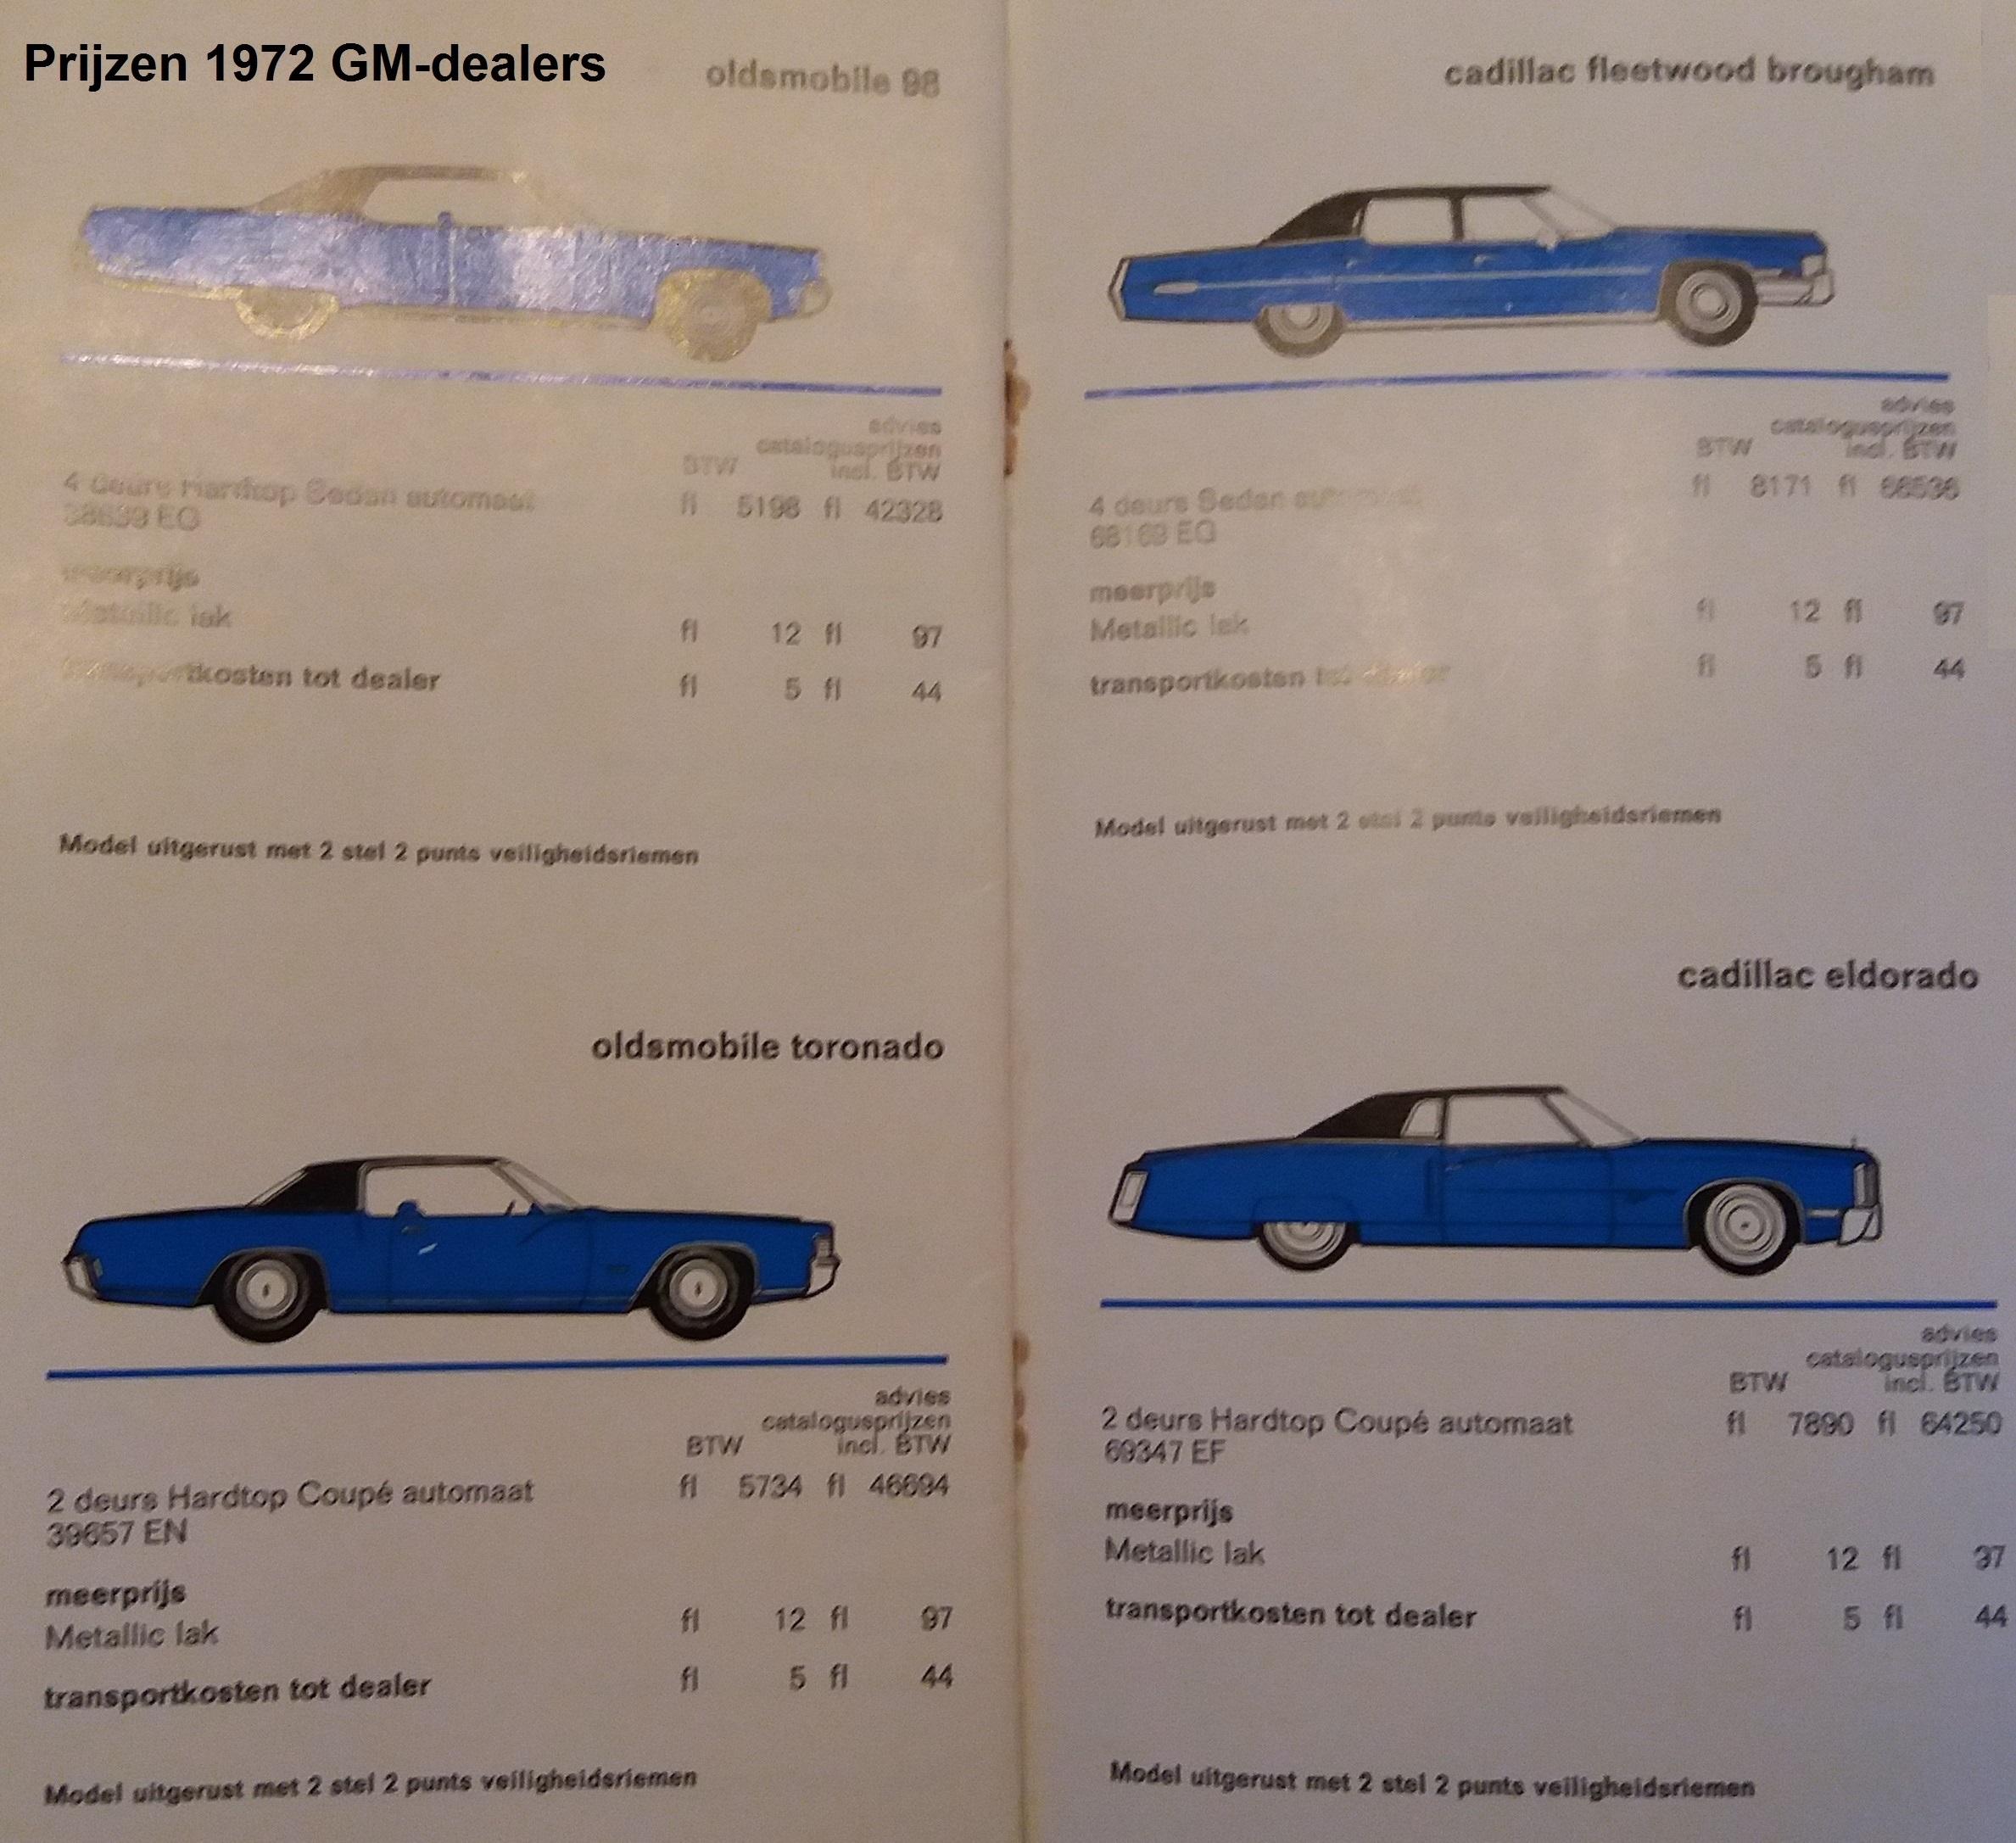 Prijzen 1972